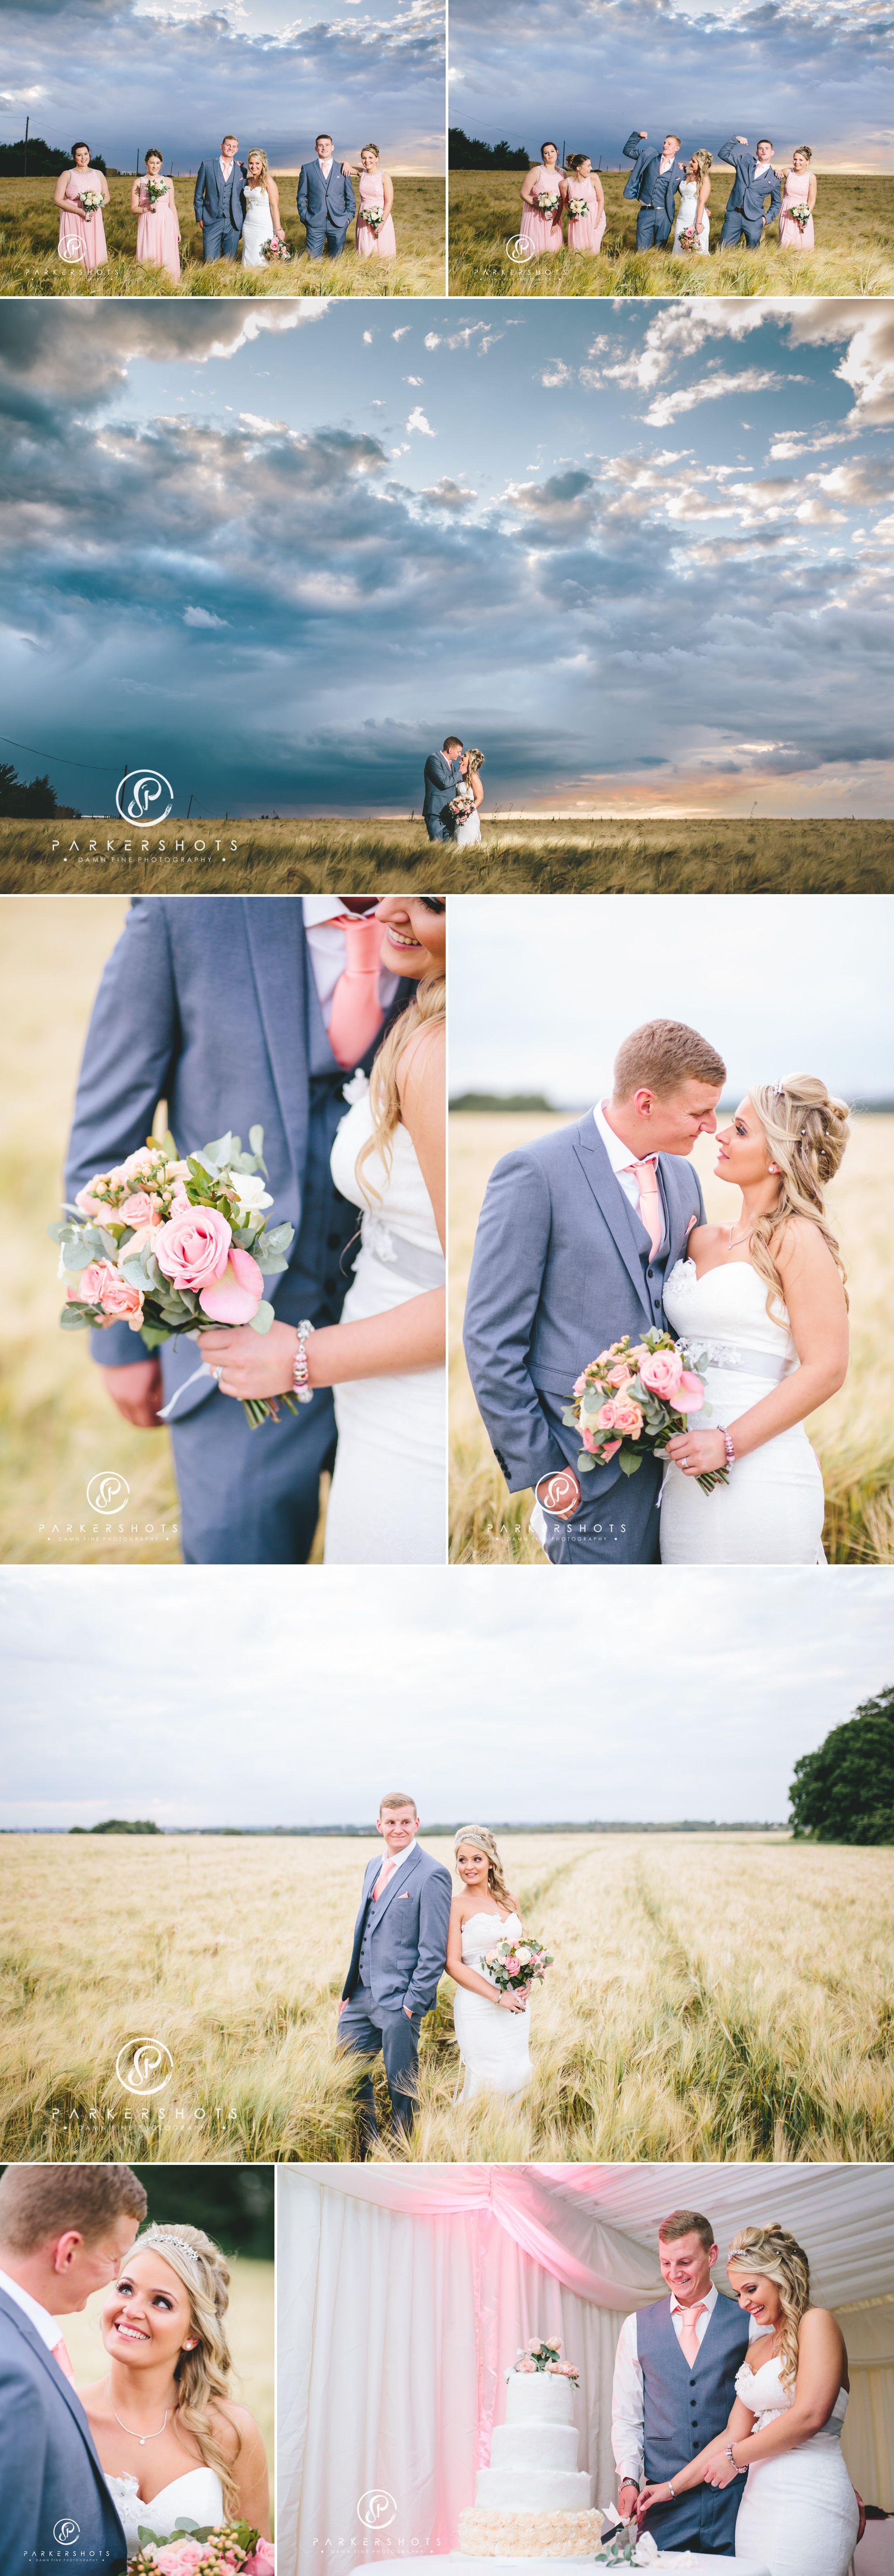 Blazing_Donkey_Wedding_Photographer 12